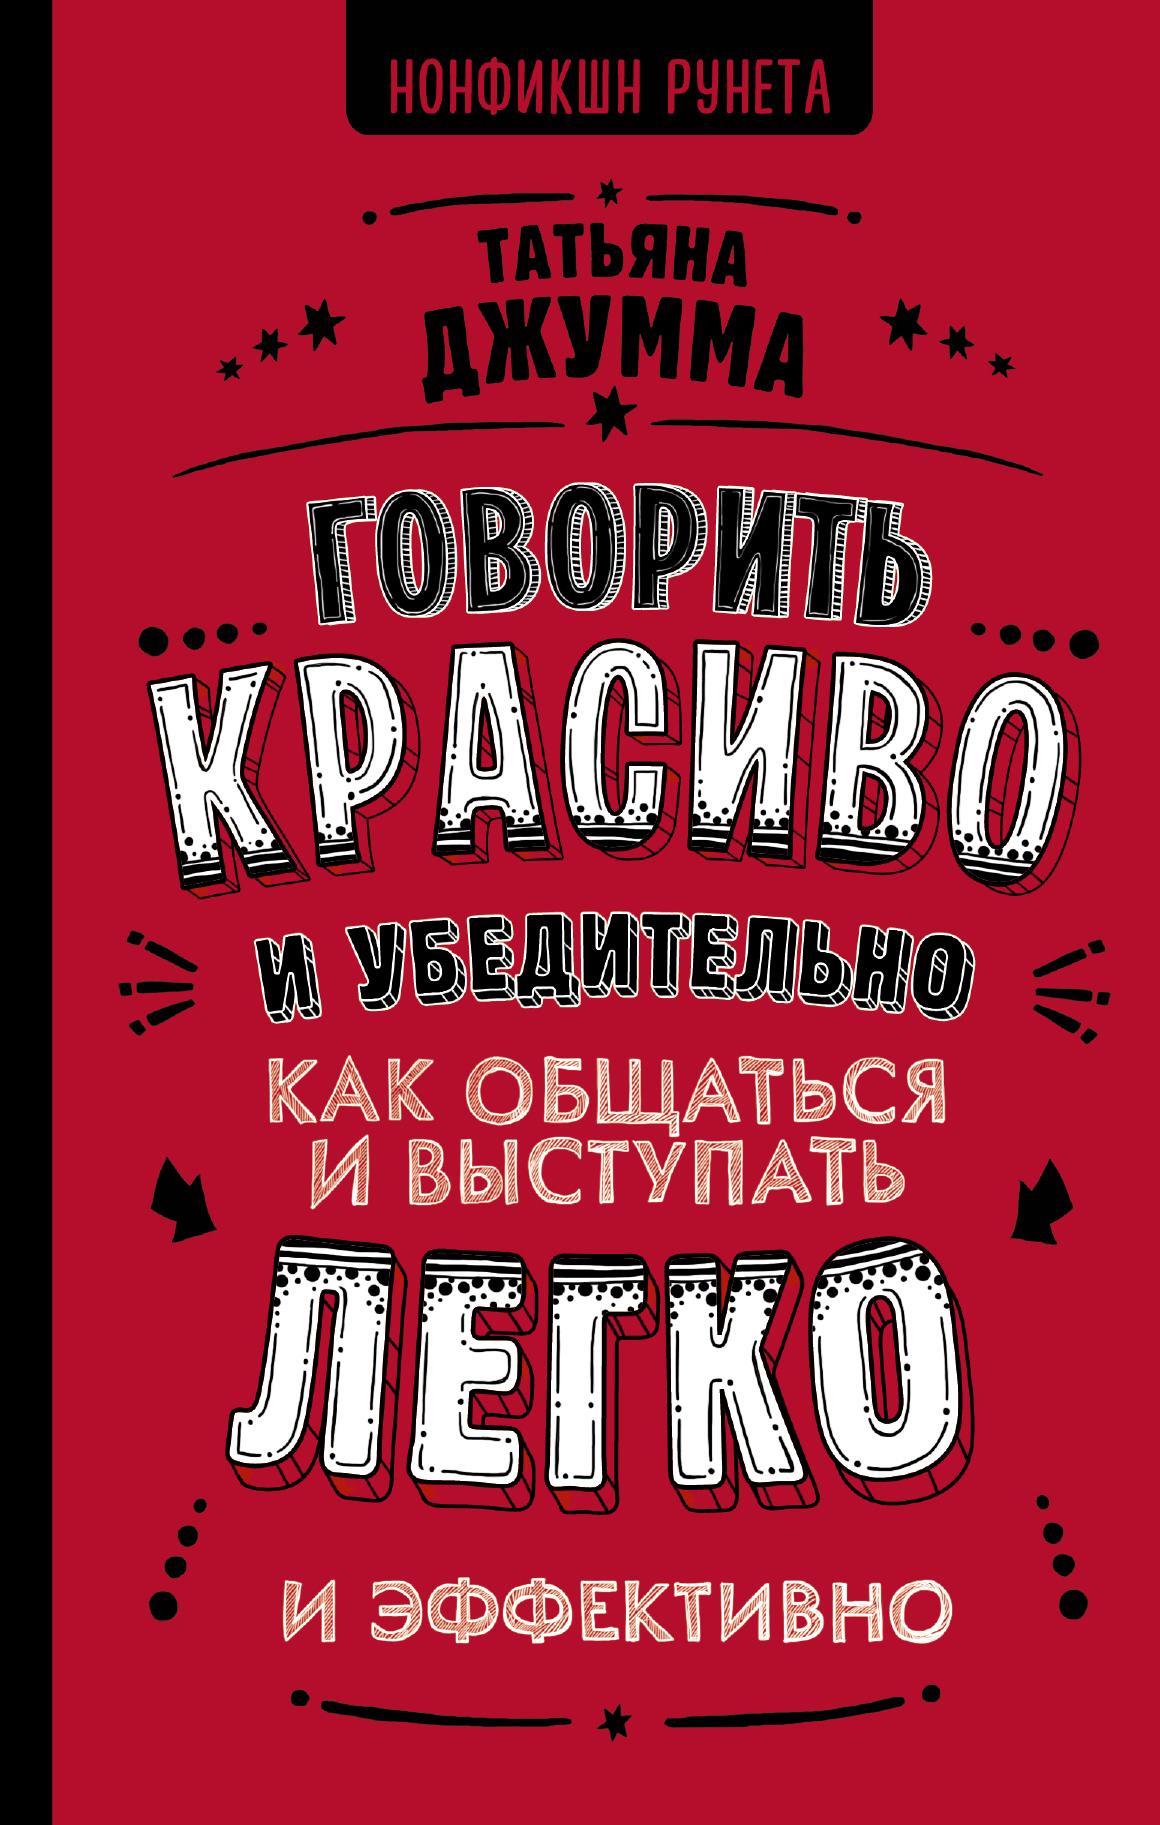 Татьяна Владимировна Джумма «Говорить красиво и убедительно. Как общаться и выступать легко и эффективно»